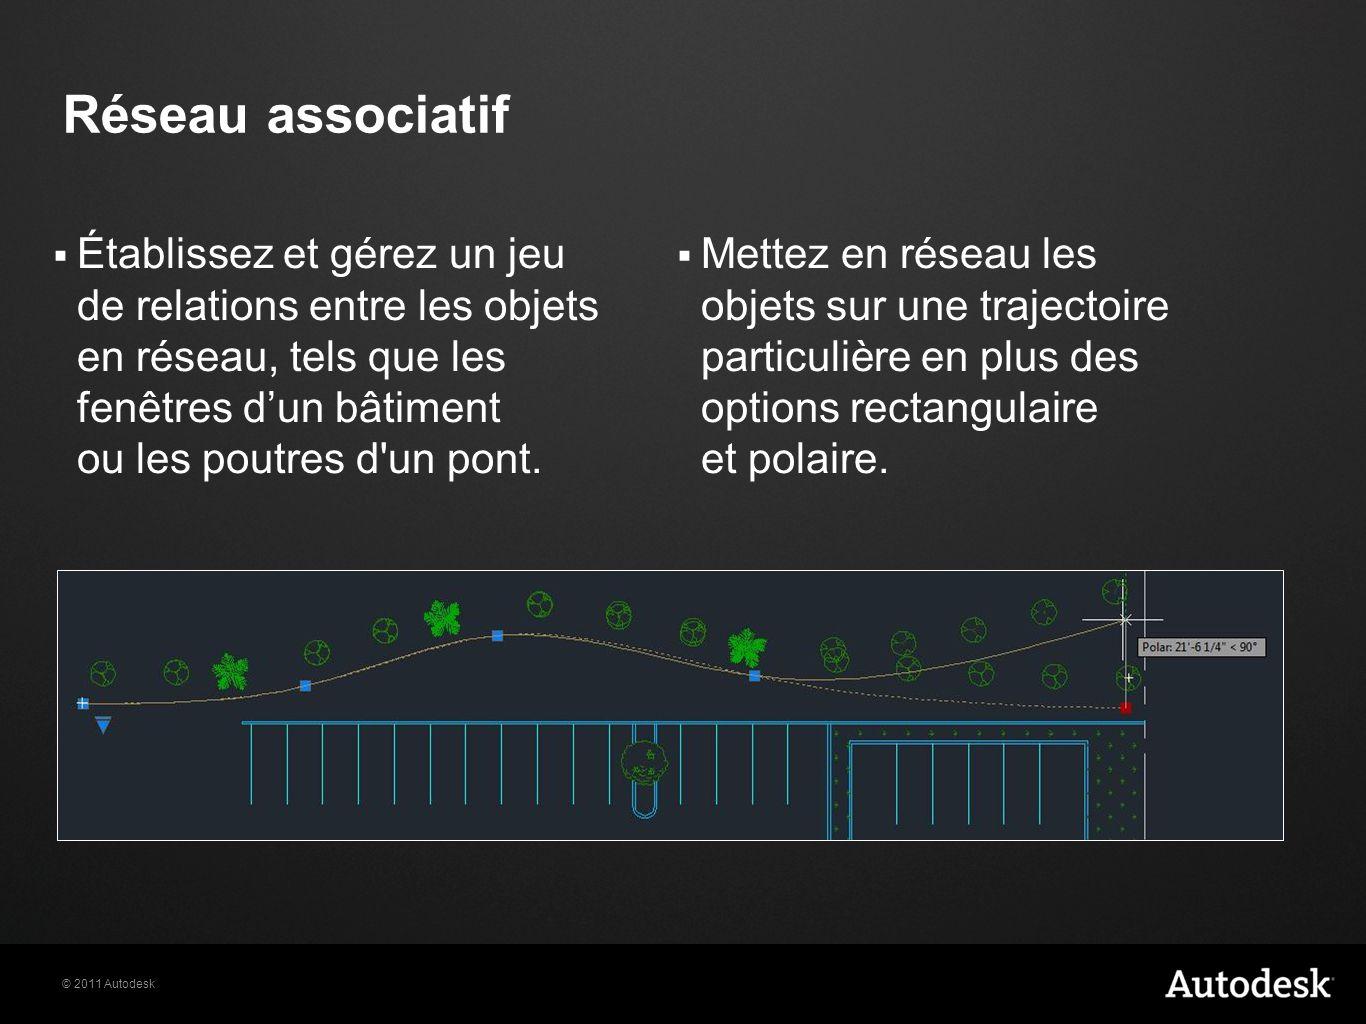 © 2011 Autodesk Réseau associatif Établissez et gérez un jeu de relations entre les objets en réseau, tels que les fenêtres dun bâtiment ou les poutres d un pont.